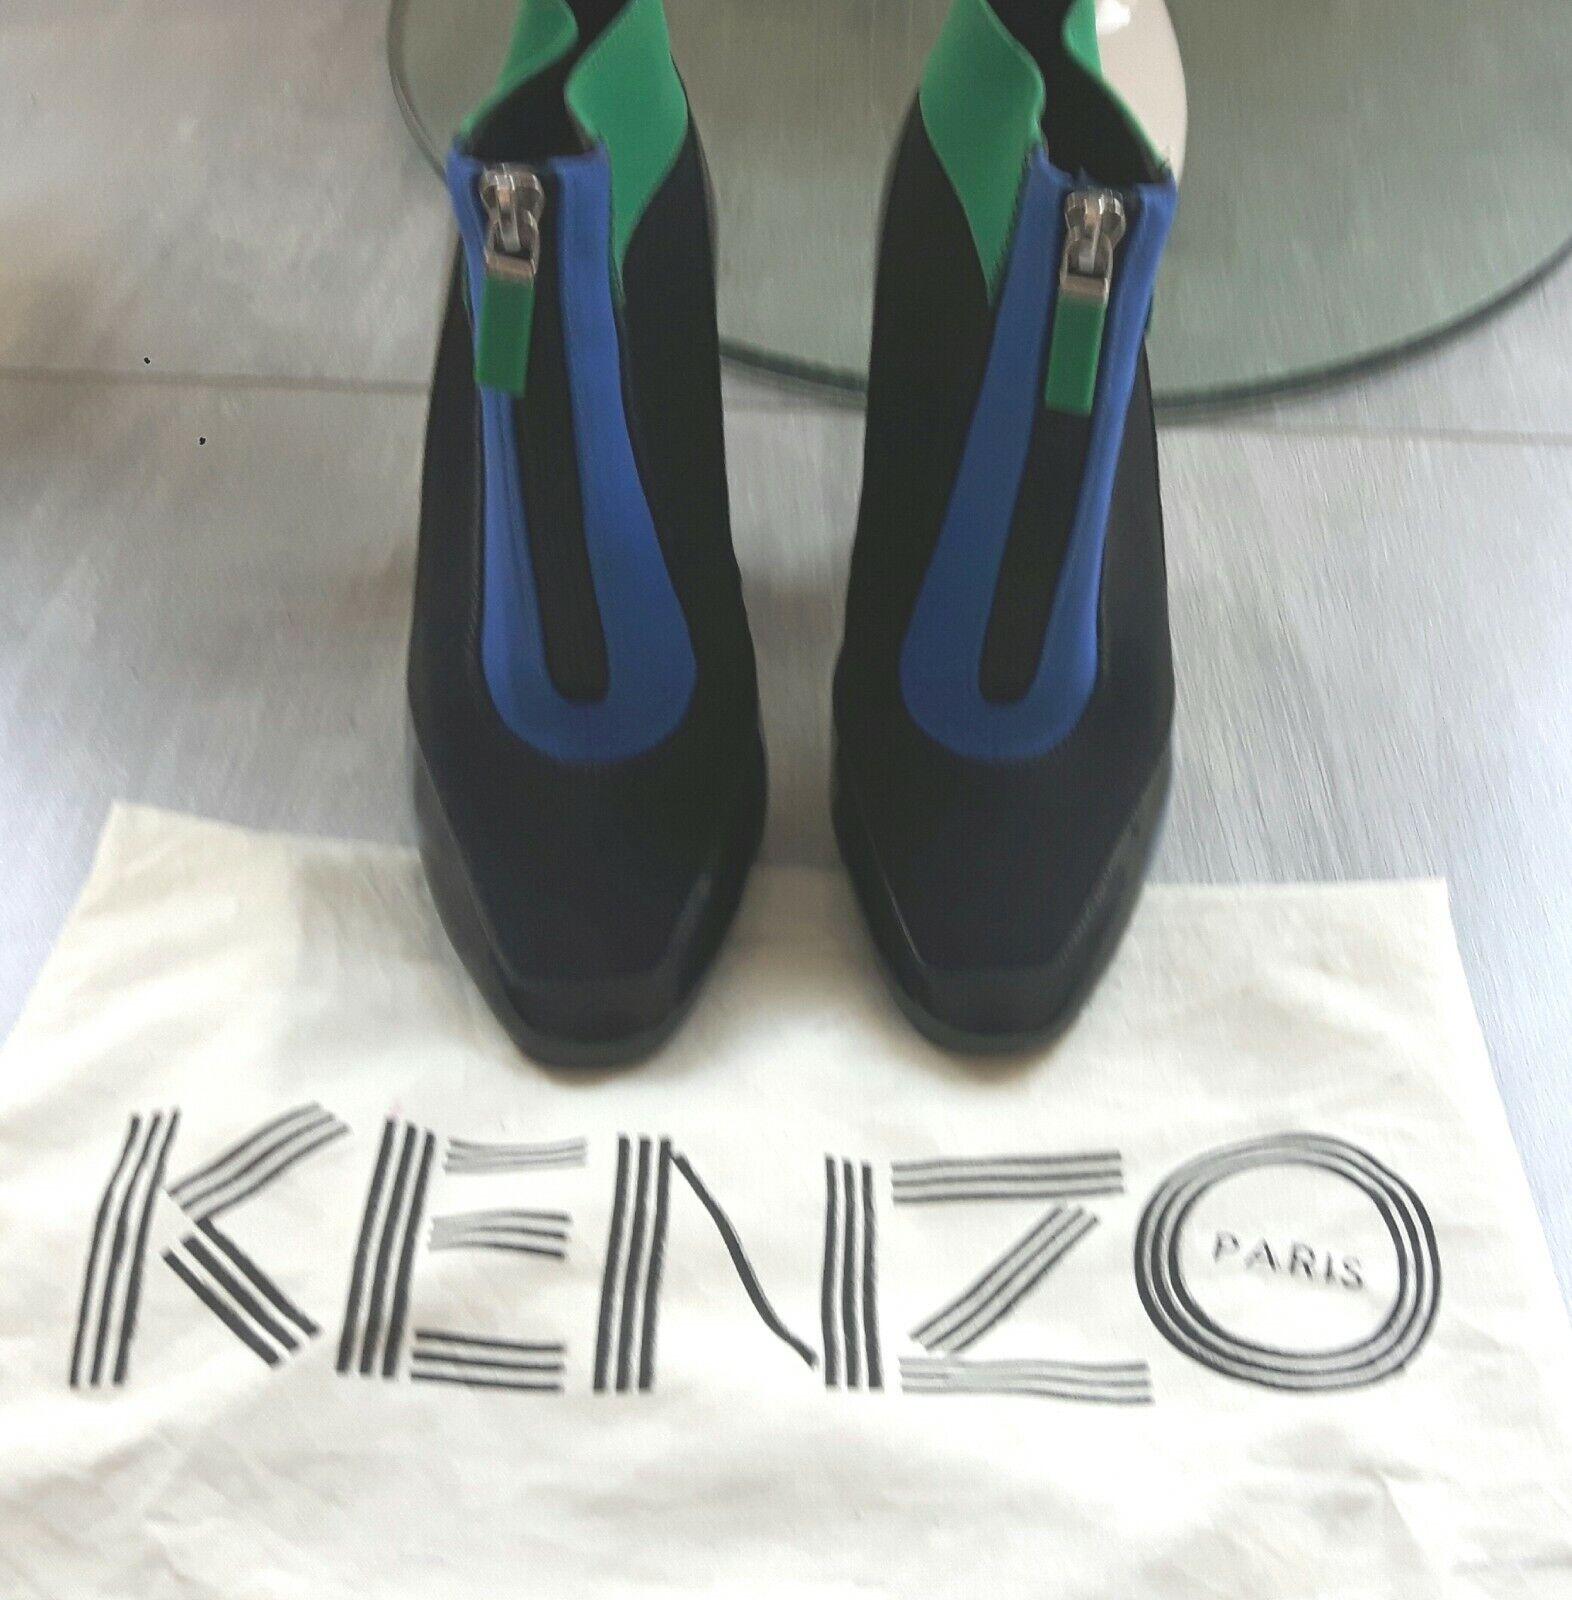 Bottines kenzo 36 en cuir verni noir et tissu neoprene noir, bleu et vert.